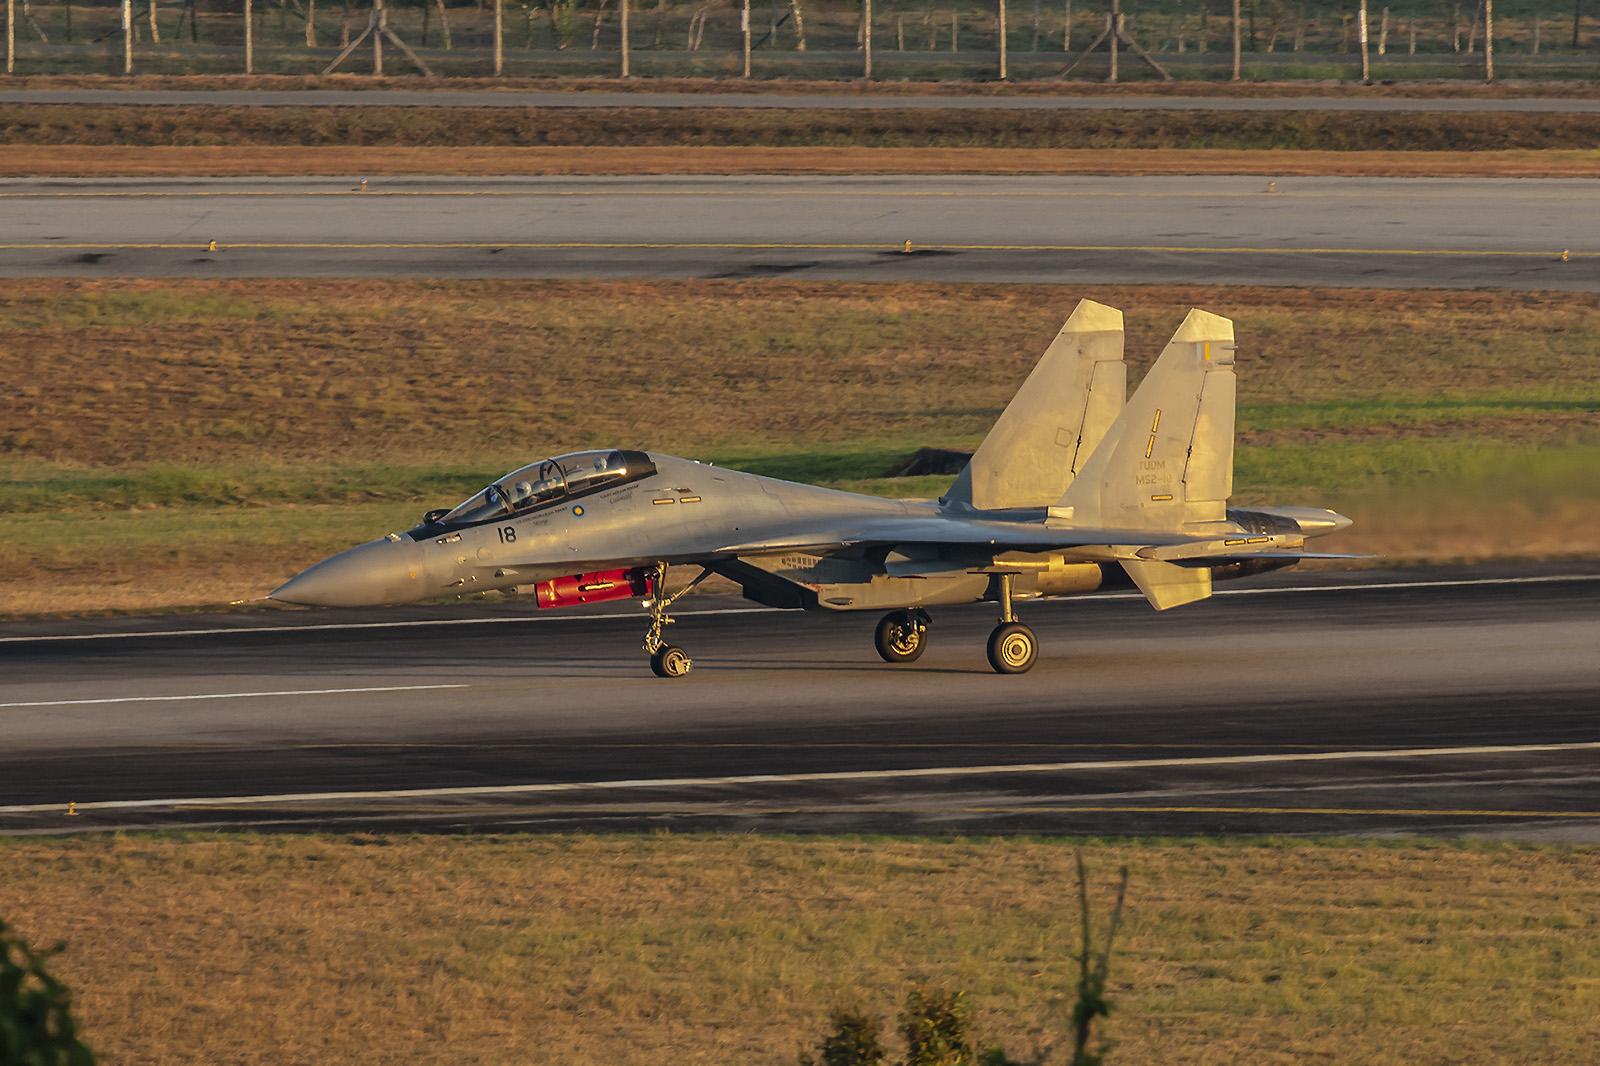 In der goldenen Morgensonnen starten die Fighter für die Eröffnungsfeier.